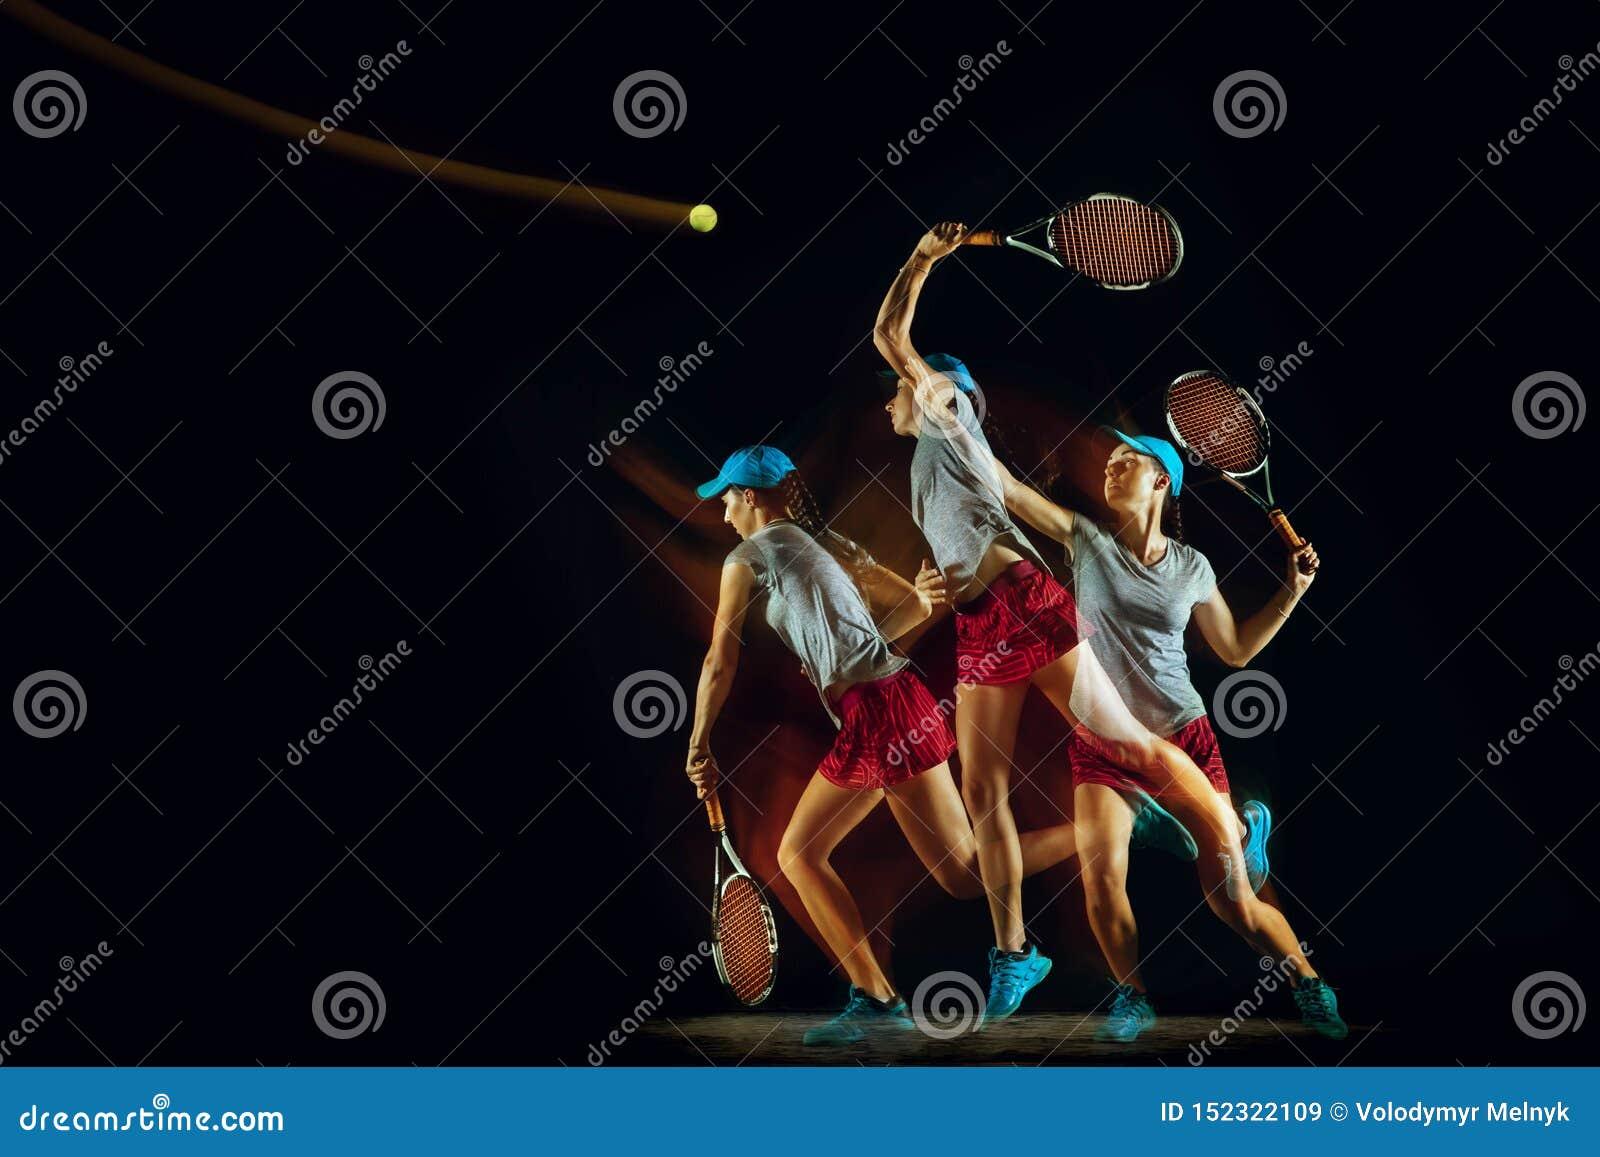 Één Kaukasisch vrouwen speeltennis op zwarte achtergrond in gemengd licht